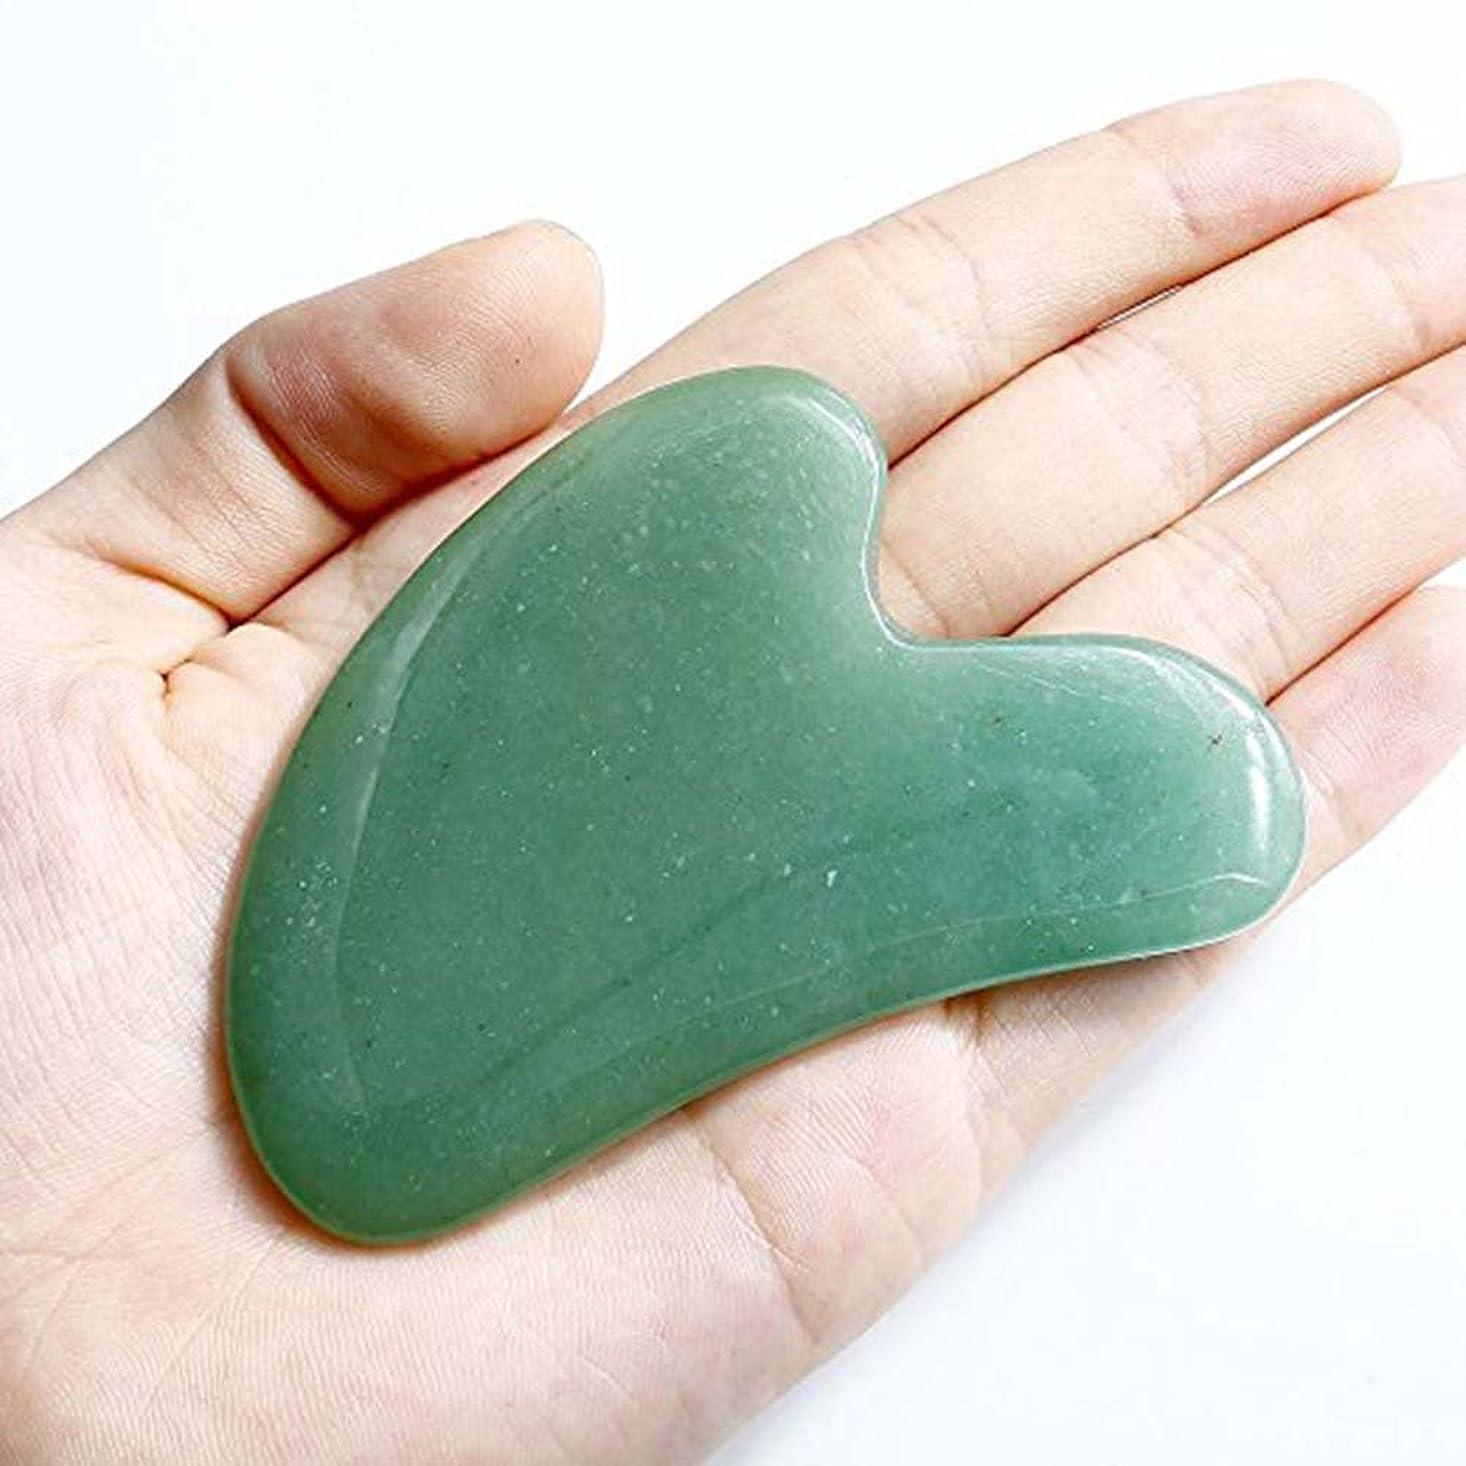 依存する運動糸Echo & Kern Face / Body Massage Green Aventurine heart shape ハート形状かっさプレート 天然石 翡翠色(顔?ボディのリンパマッサージ) (かっさプレートH)